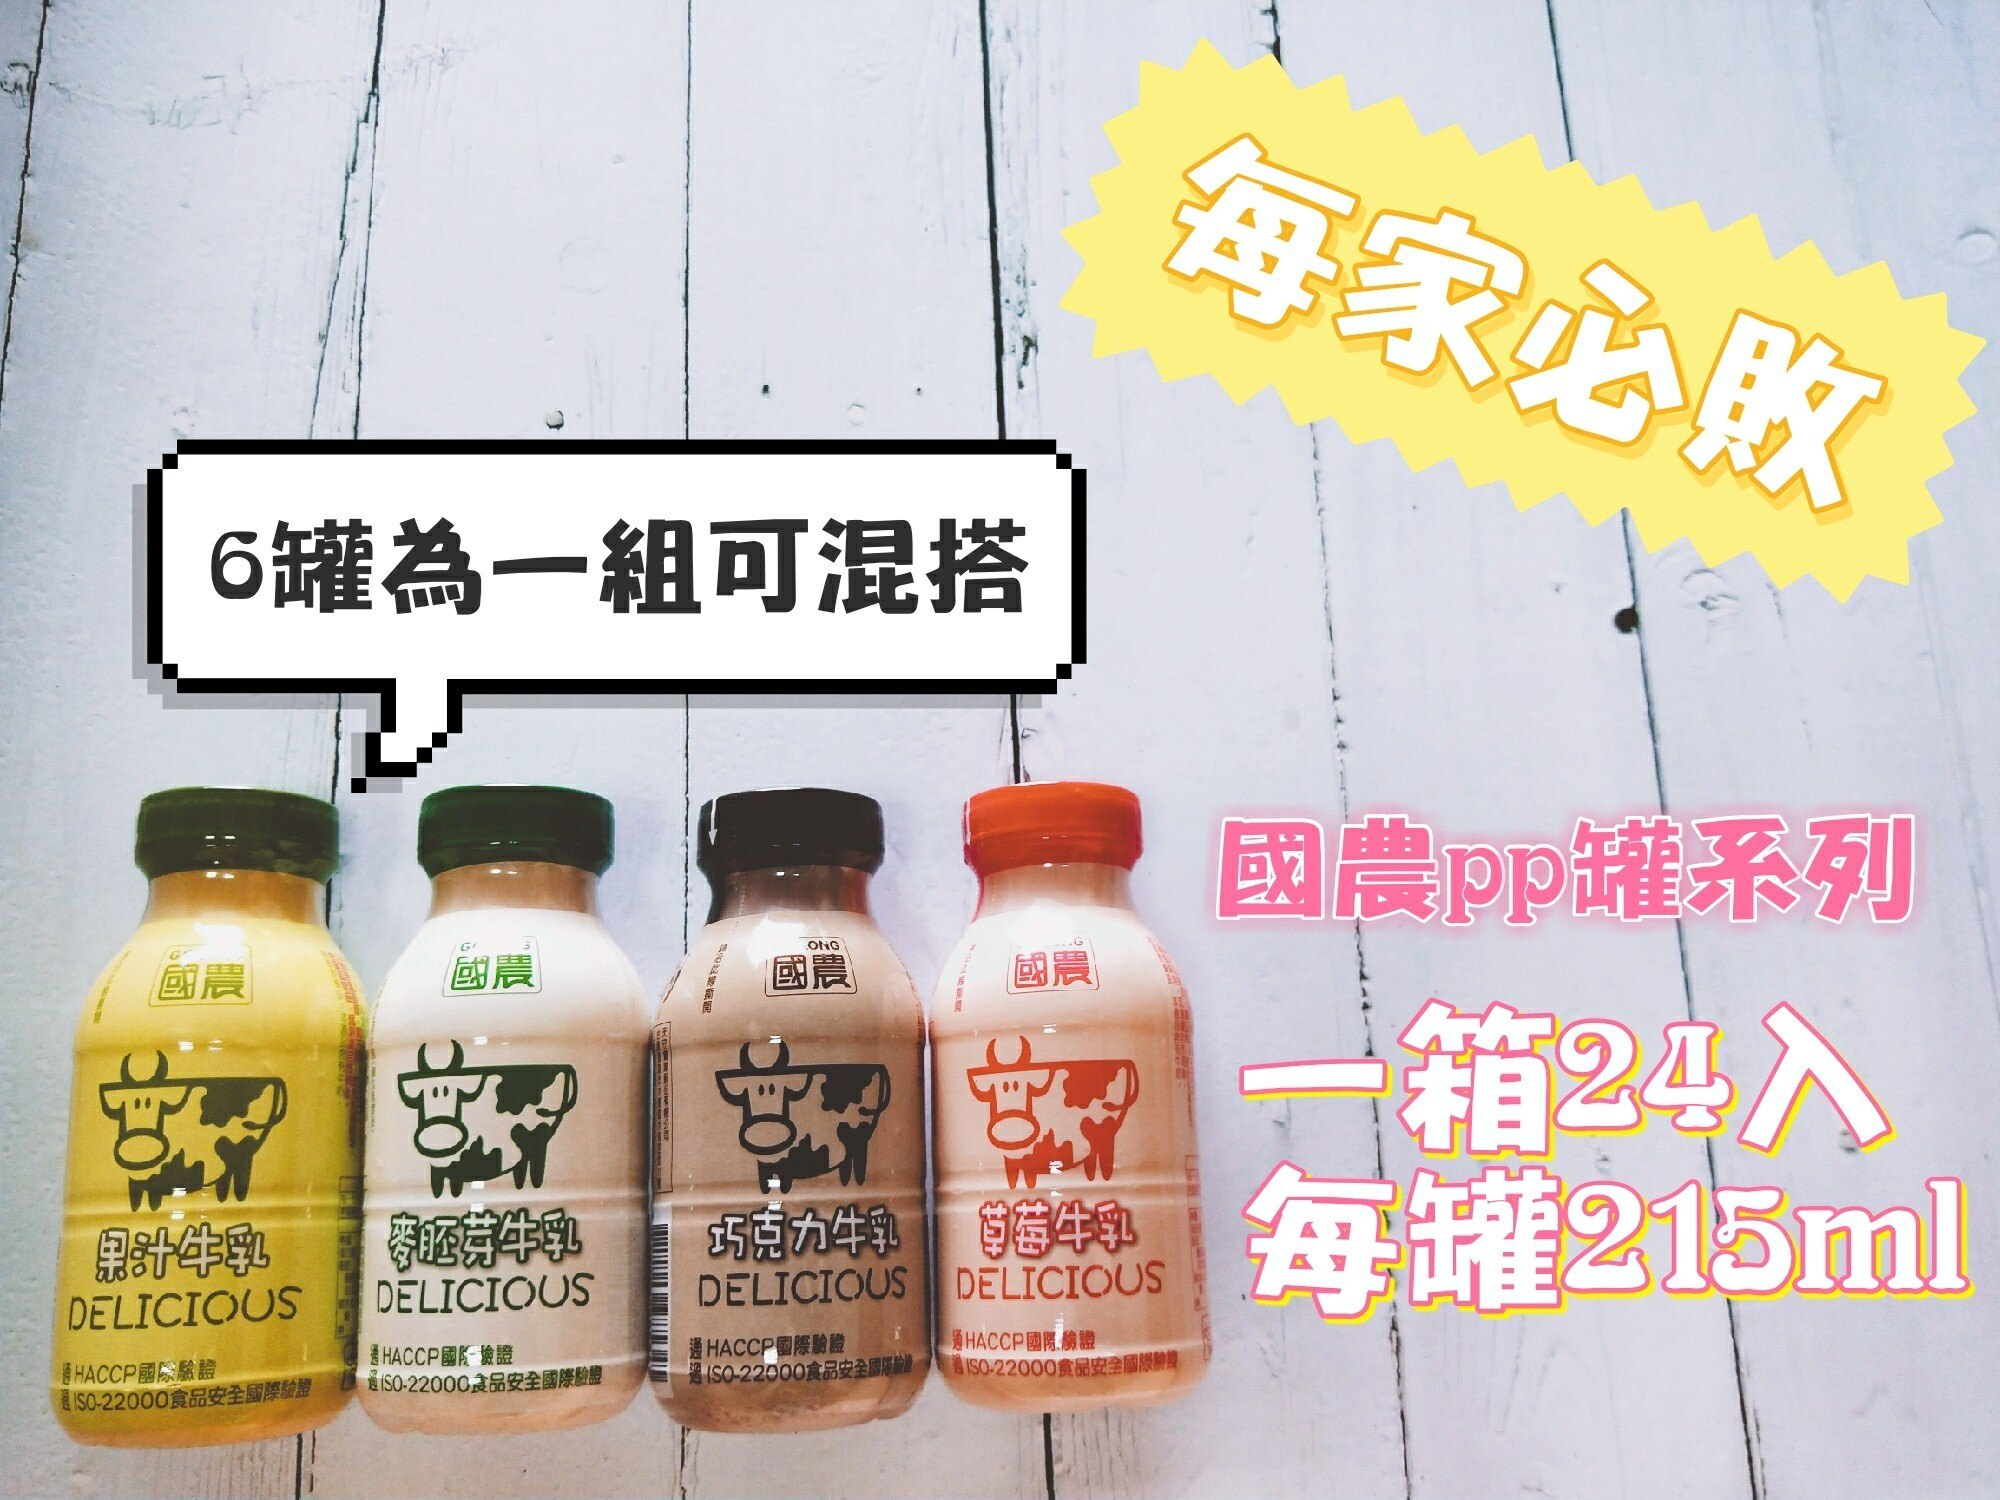 ※三箱宅配免運費下單處 家庭必備 國農牛乳215ML(塑膠瓶/四種口味可選)